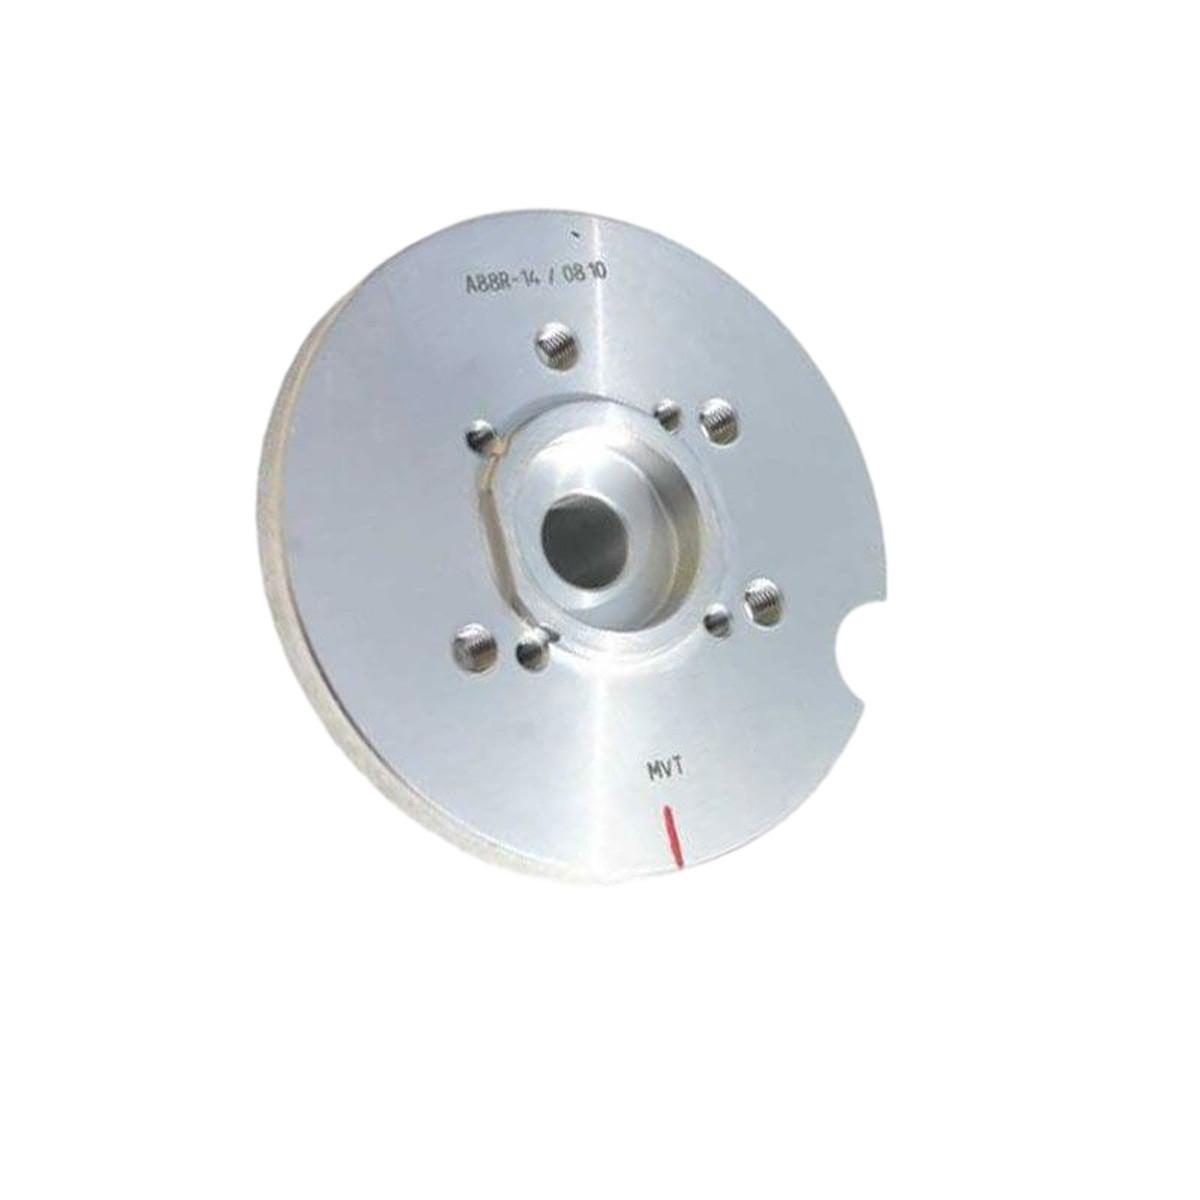 Rotor Allumage CPI - KEEWAY- MVT Prémium PREM23